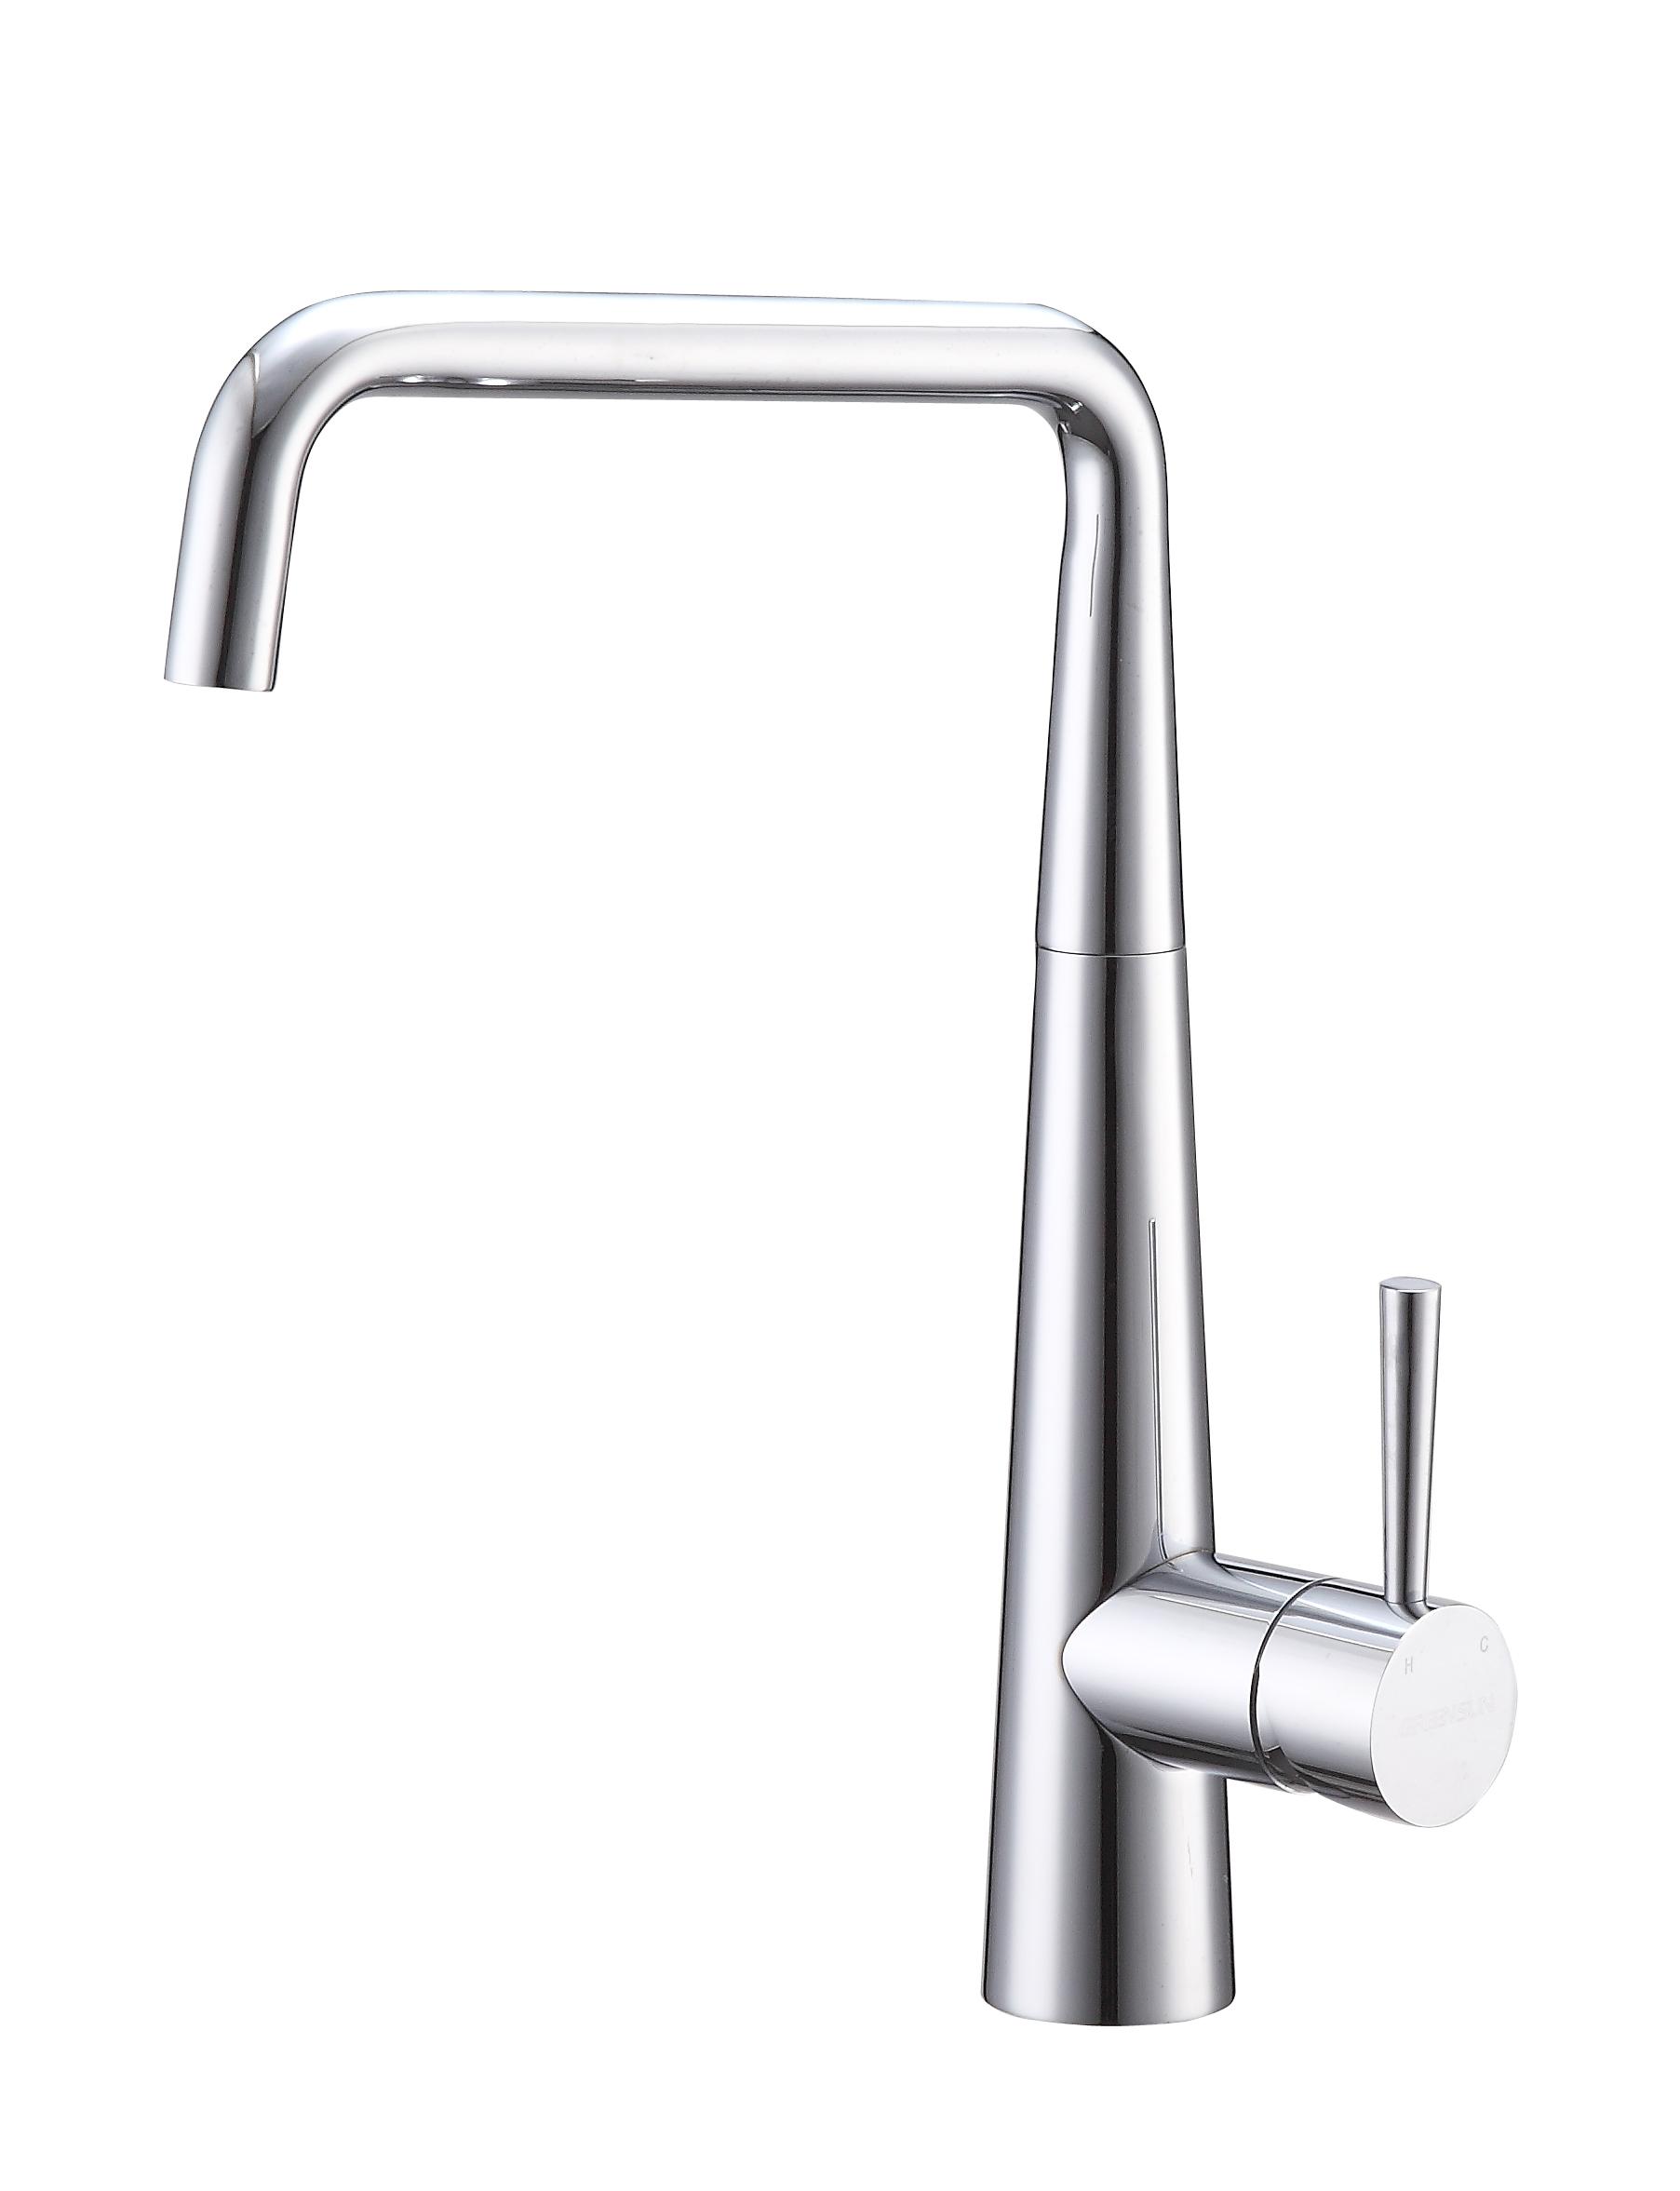 10123-101: Kitchen faucet